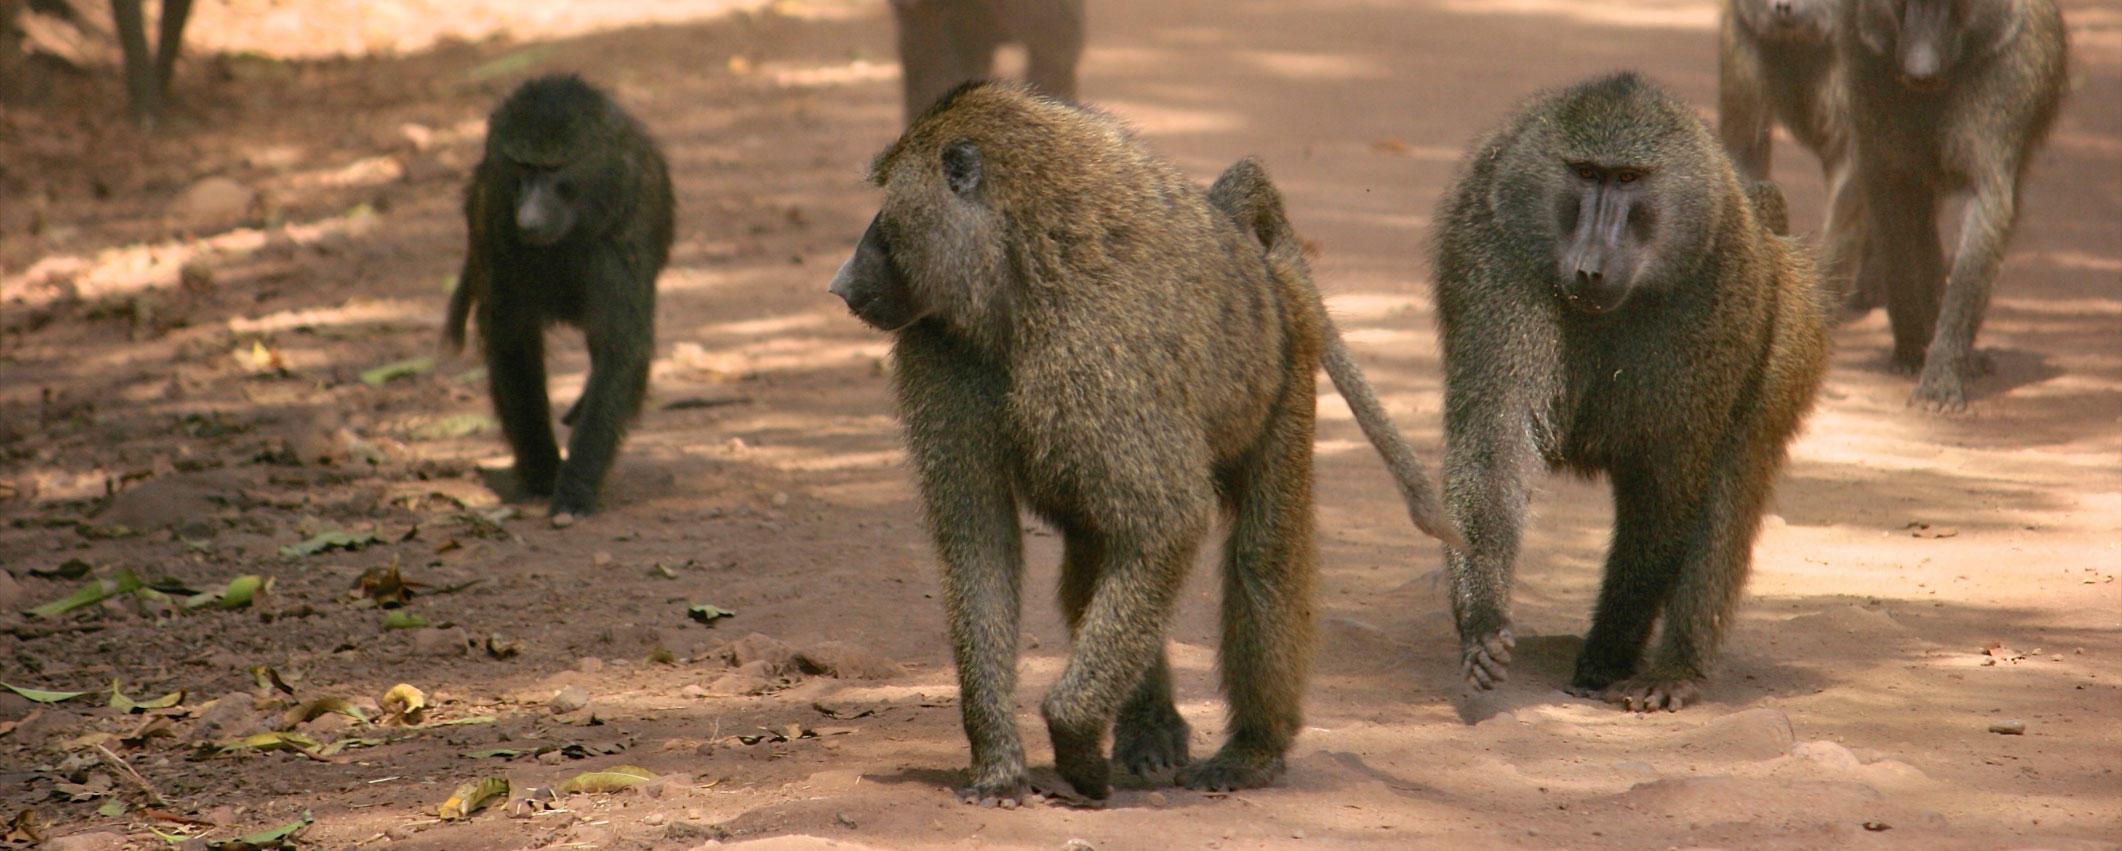 Olive baboons in Kenya